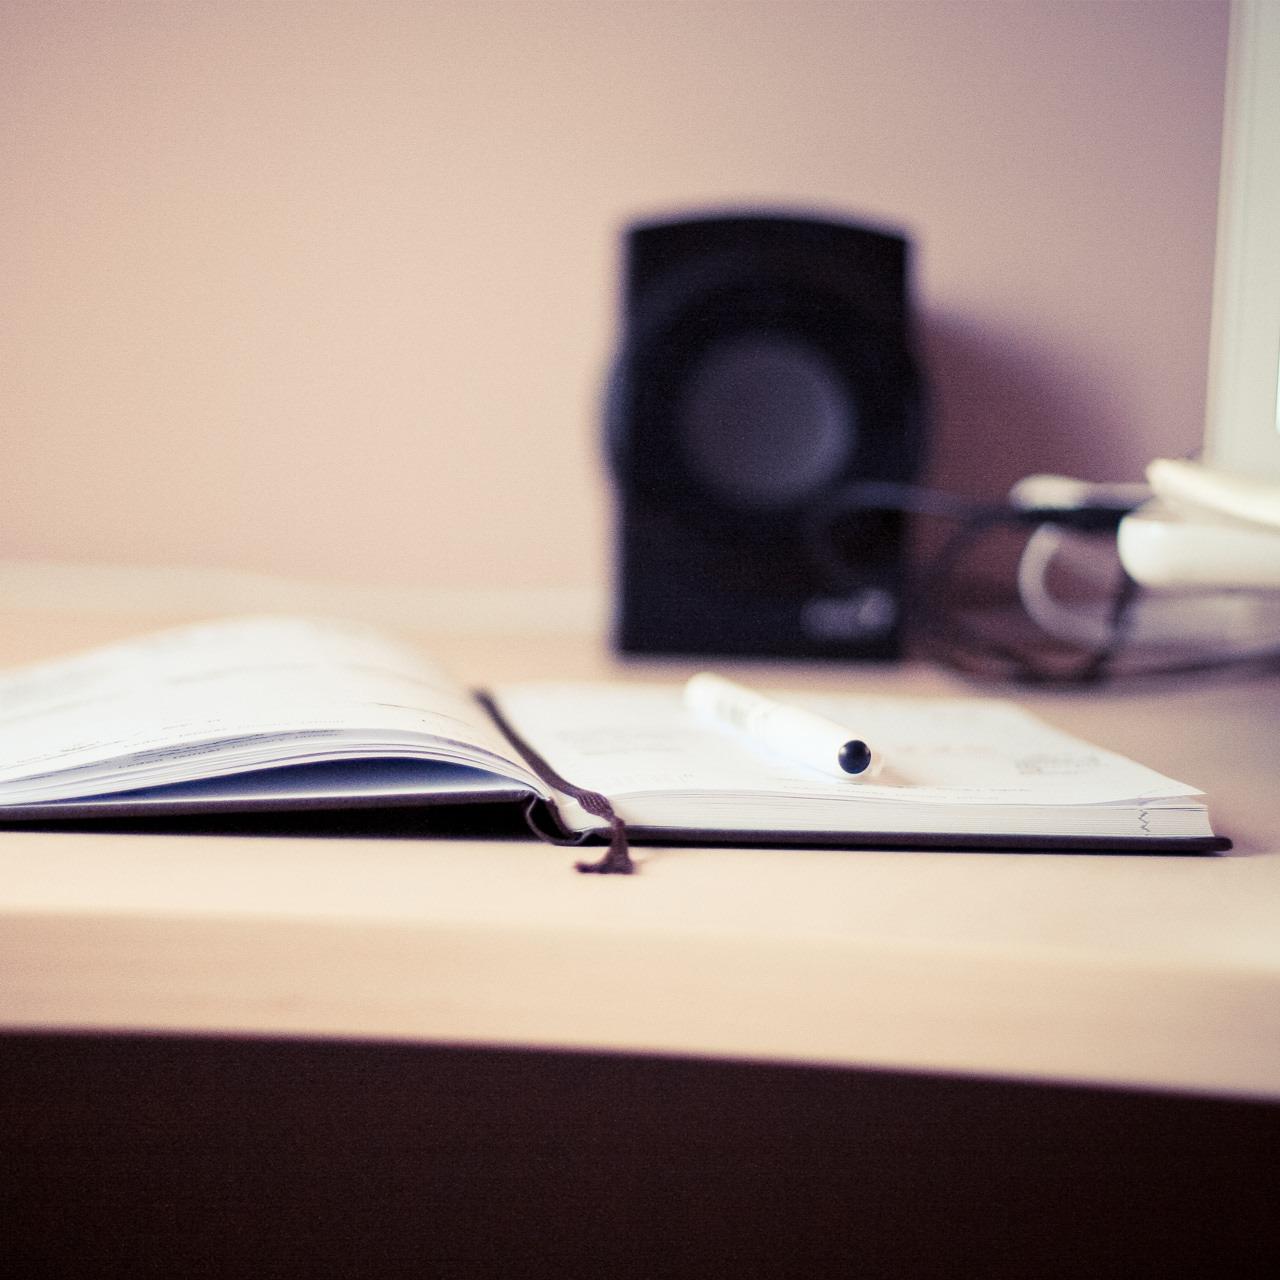 Serviços de Transcrição de Ficheiros de Áudio: Transcrição Académica